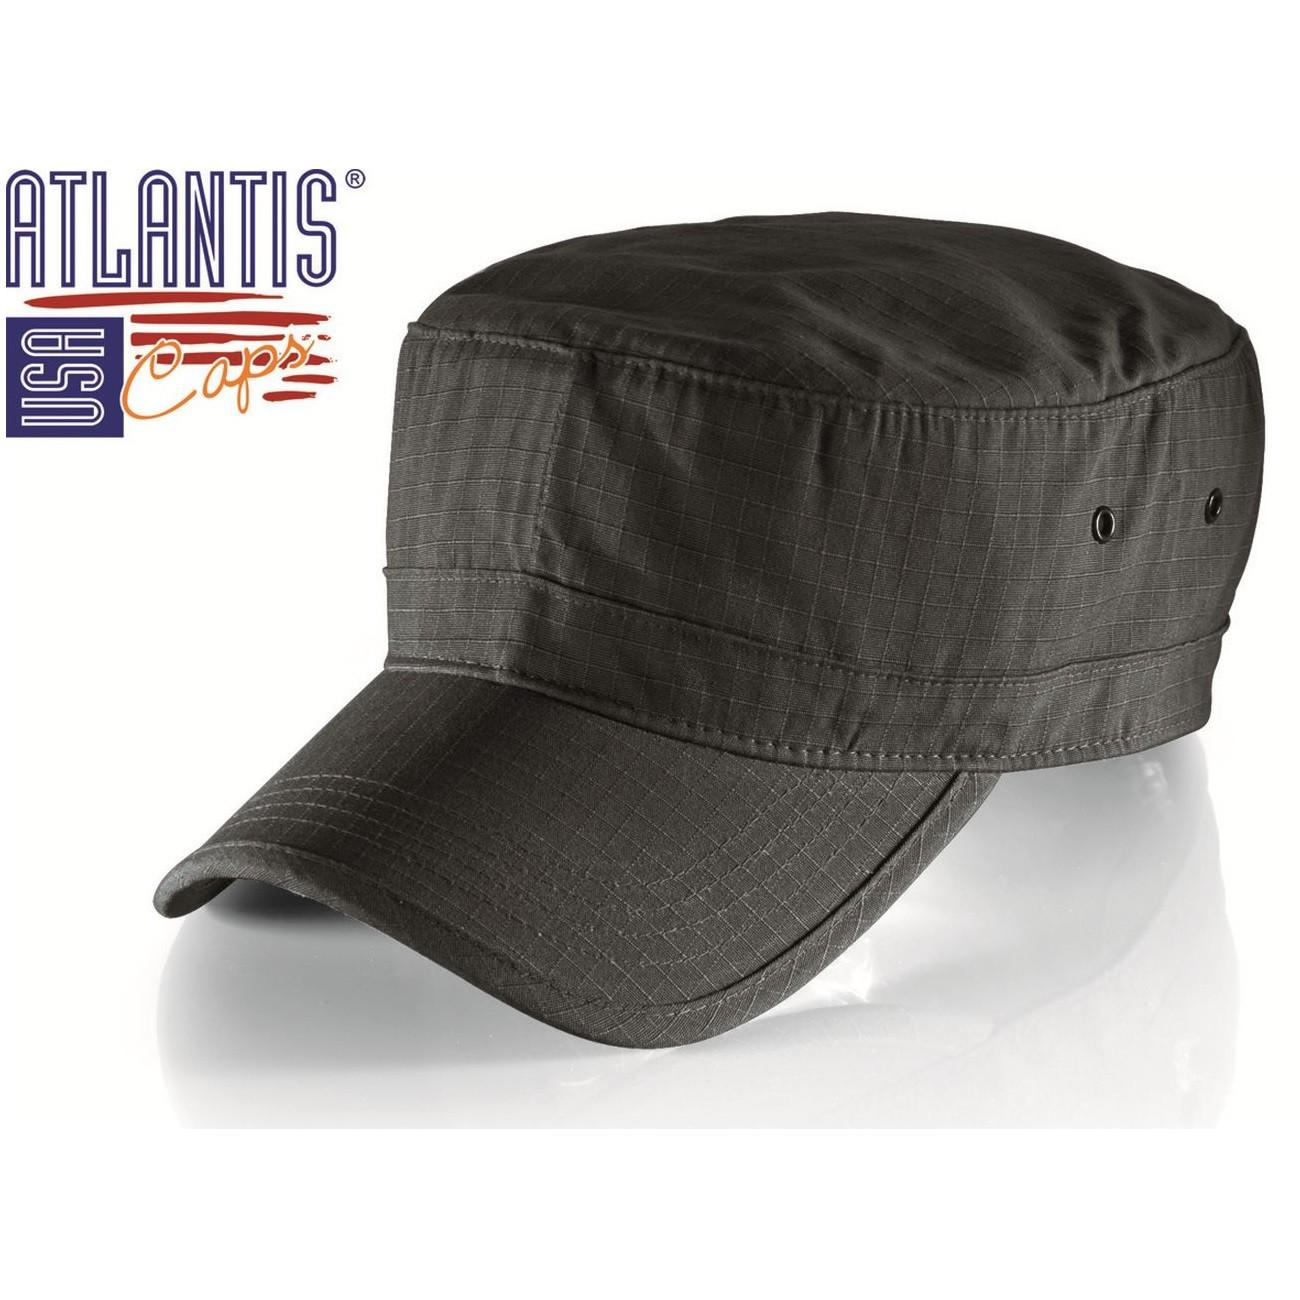 Atlantis Army Cap 1er Pack günstig online kaufen